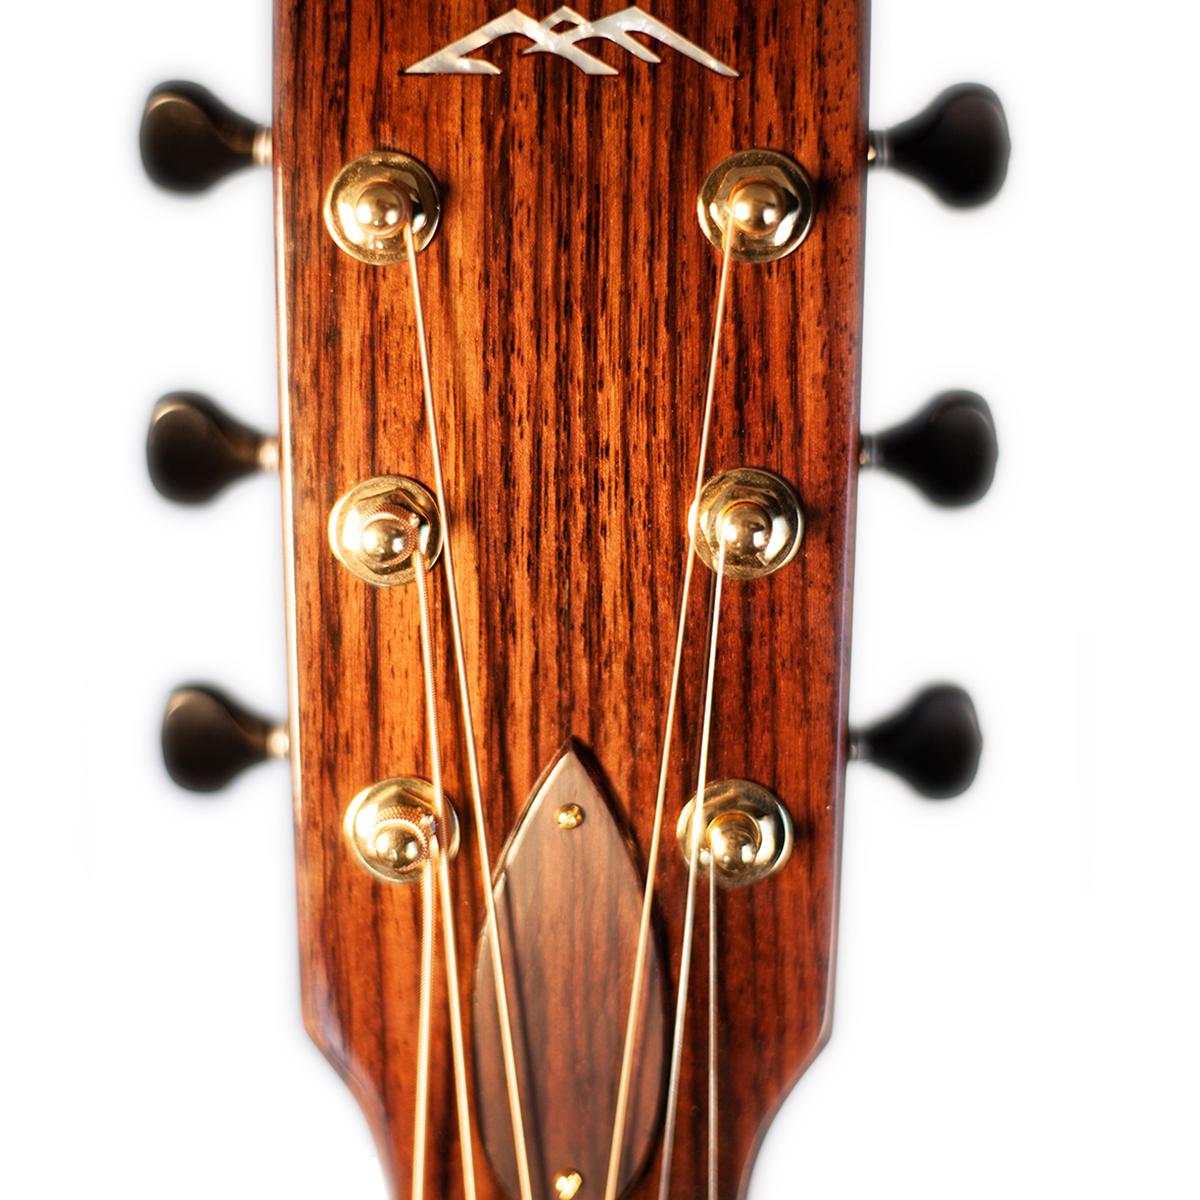 AIRMKT eCom PN XXXXXX Rocky Mountain Guitars Antero 9 of 29 WEB